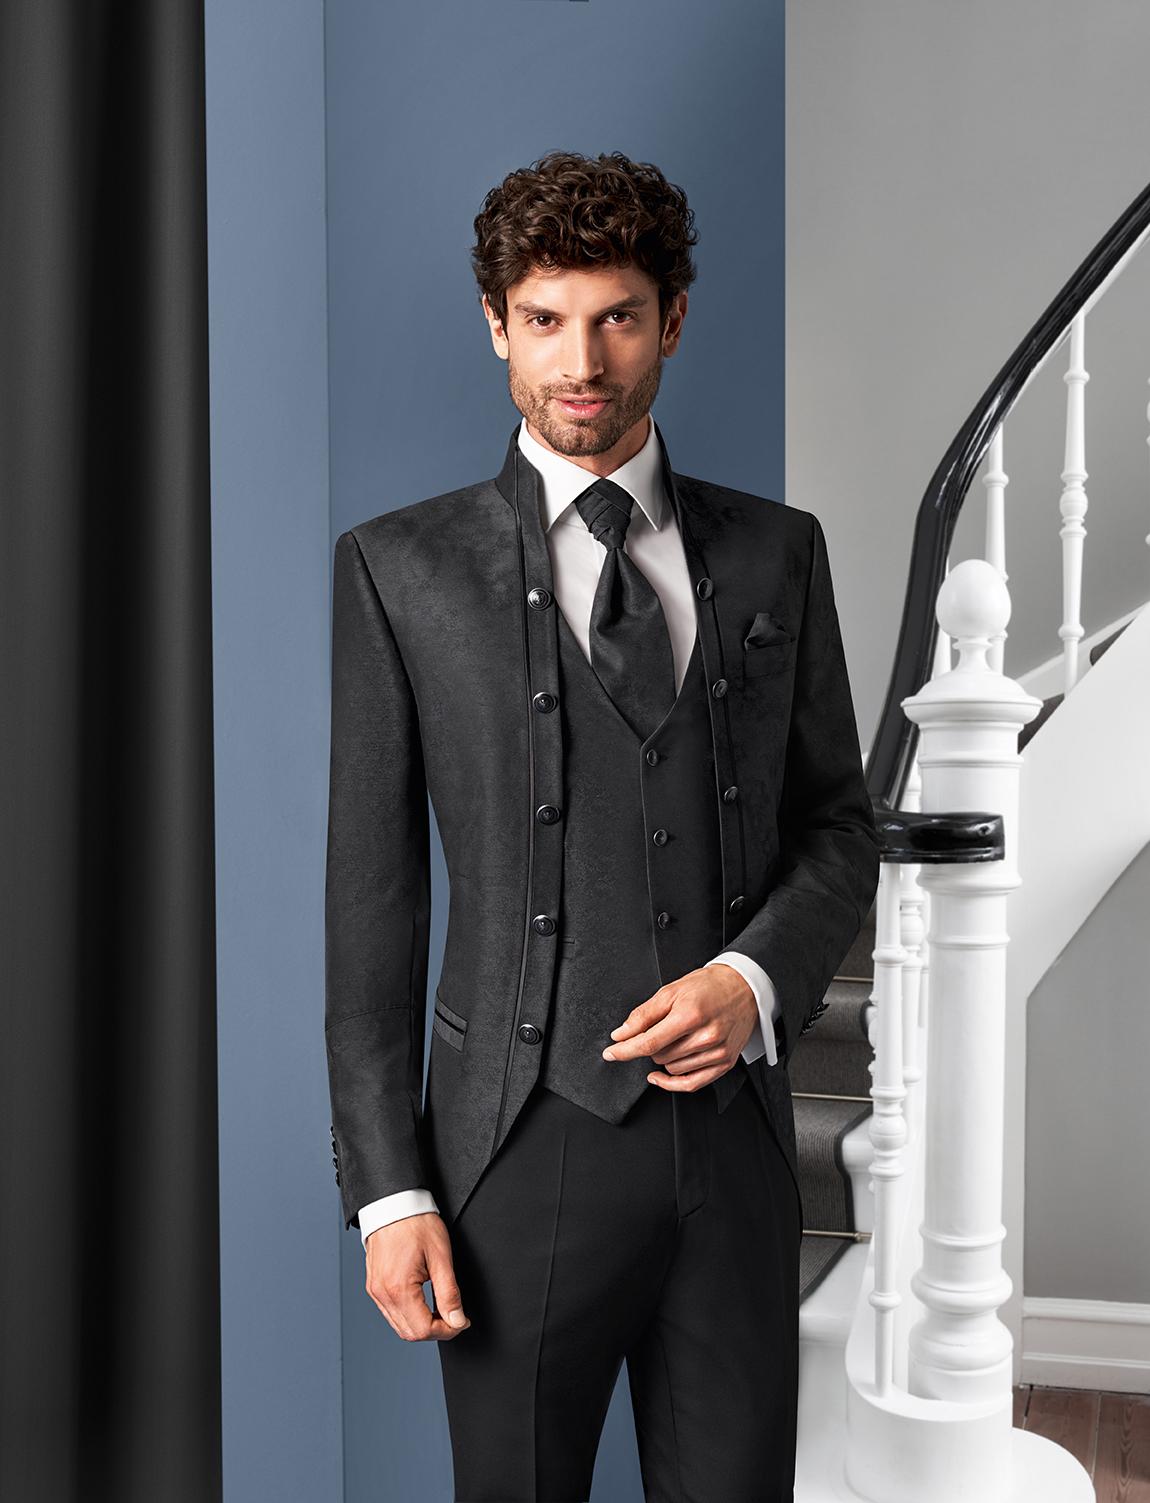 Wilvorst Tziacco Hochzeitsanzug Männer Mode Bräutigam extravagant dunkelgrau anthrazit Stehkragen Jabot